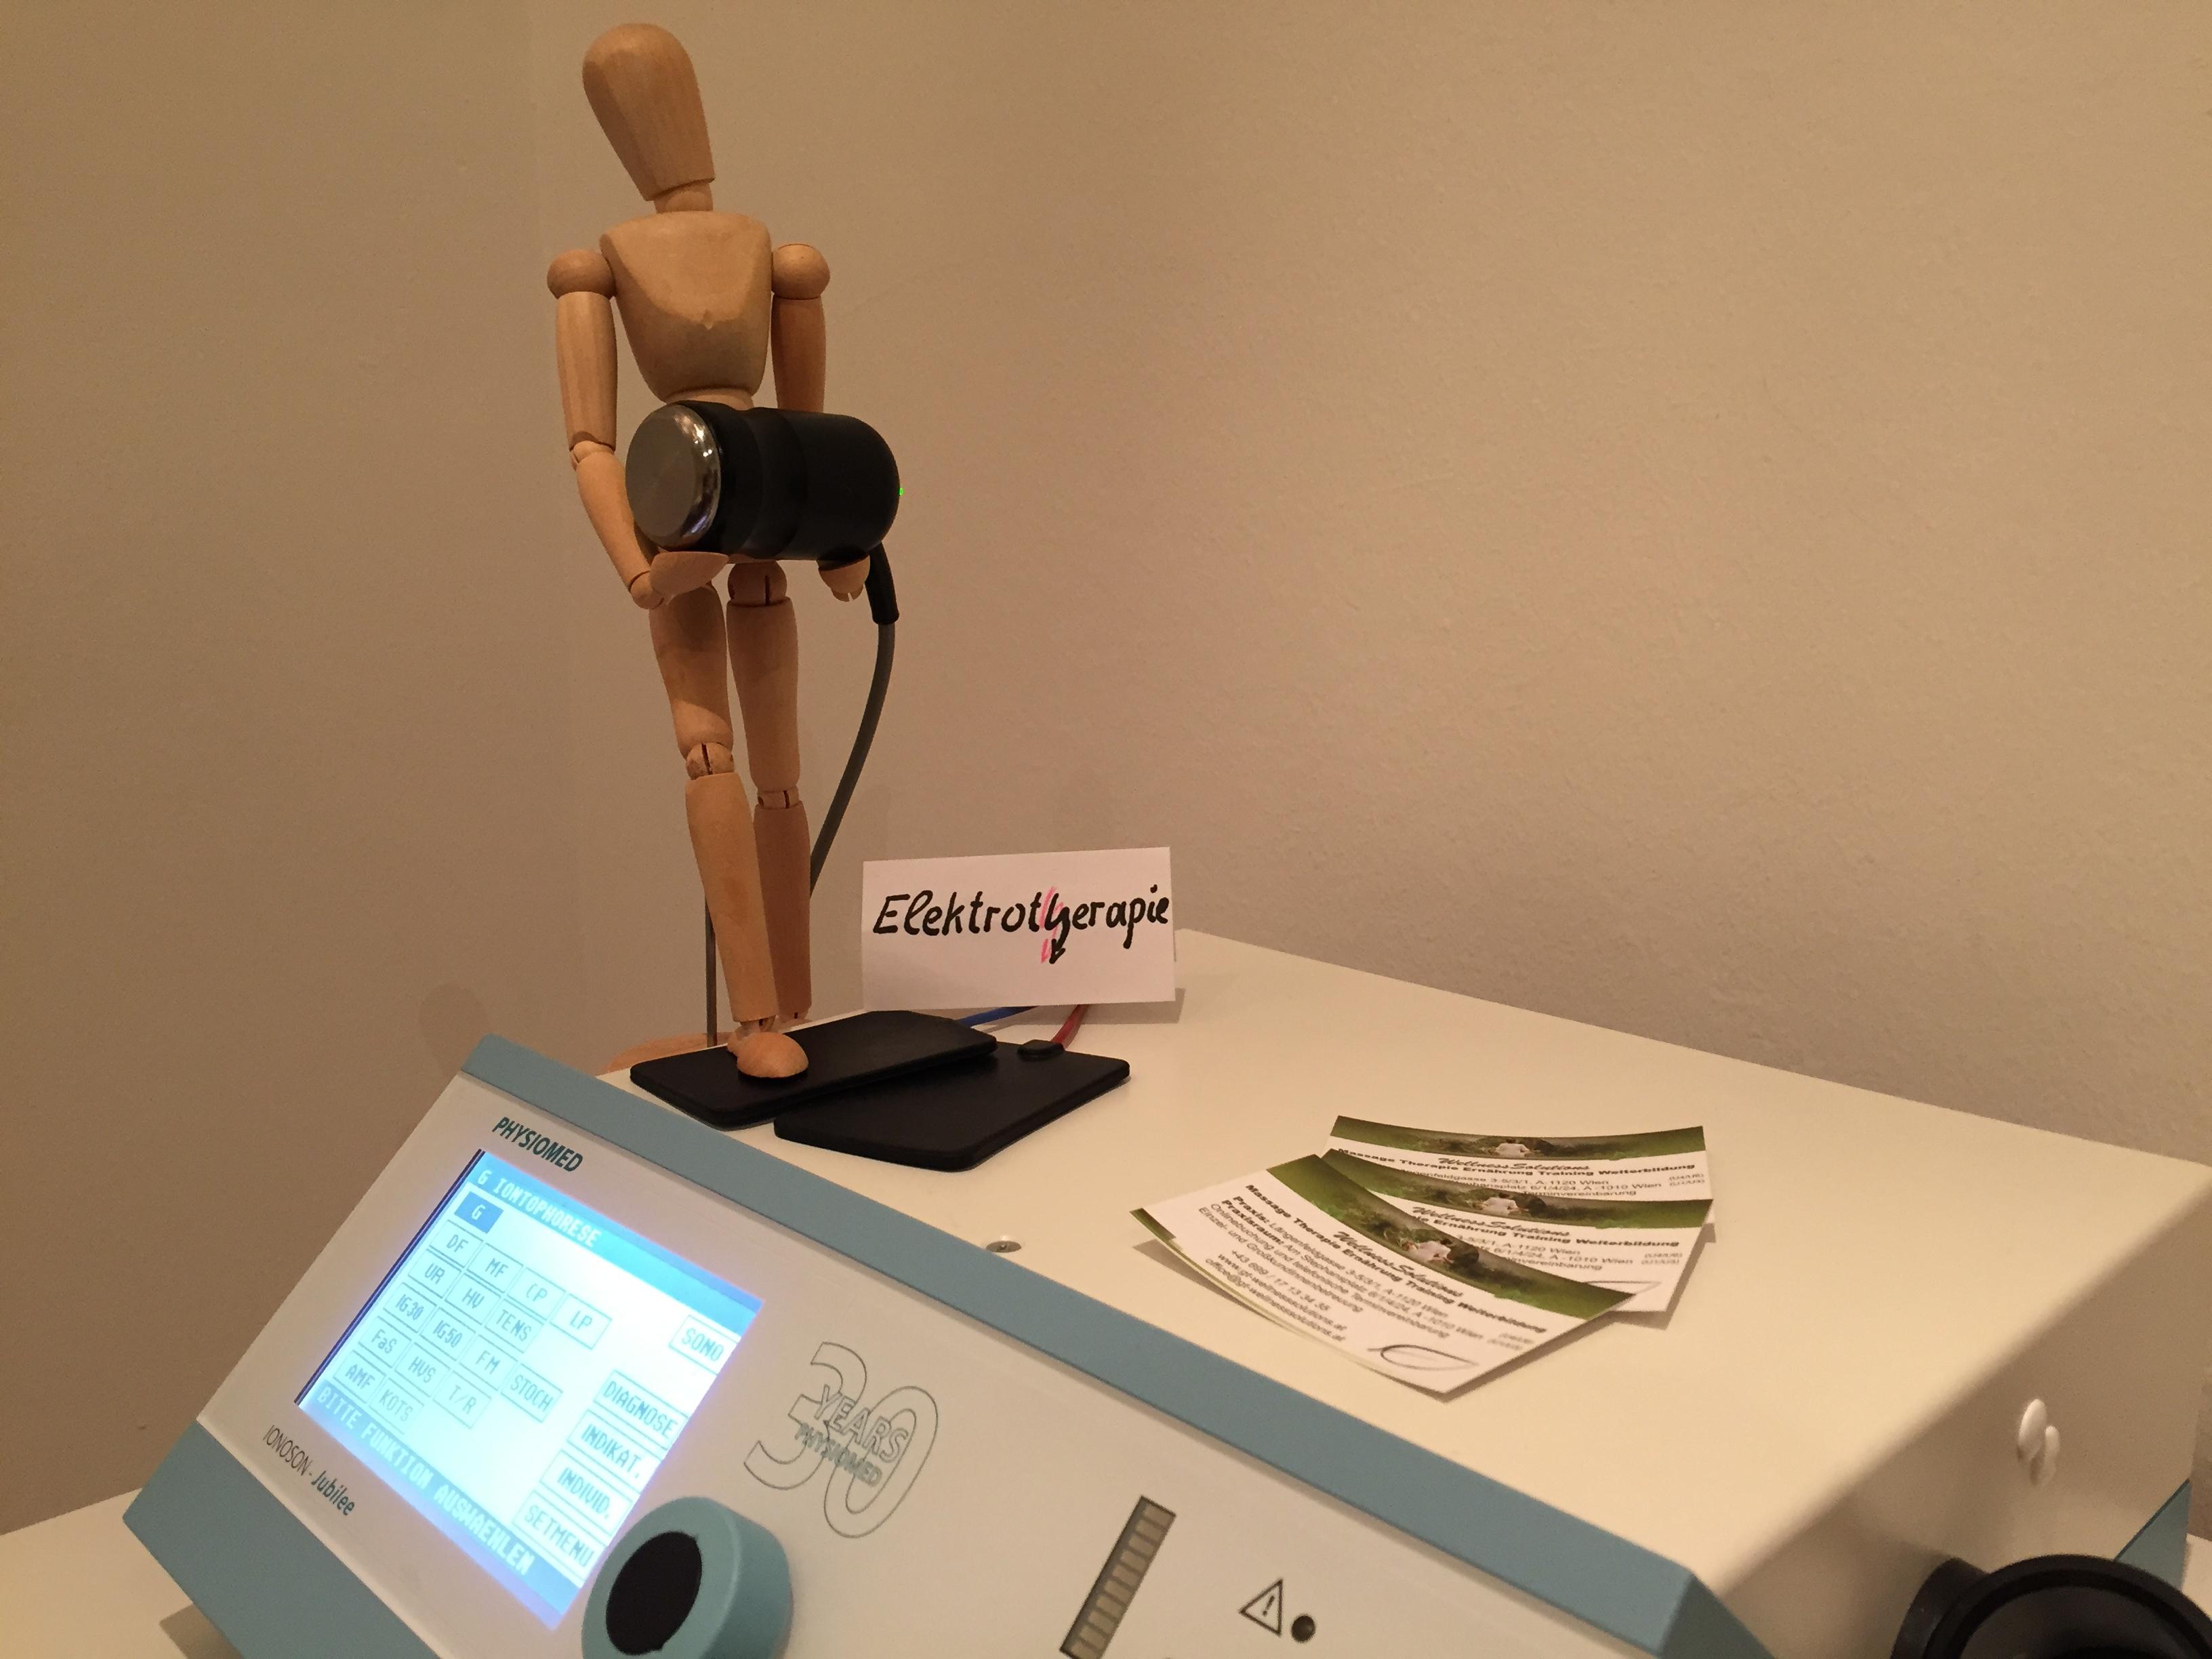 verbrennung elektrotherapie heilt nicht